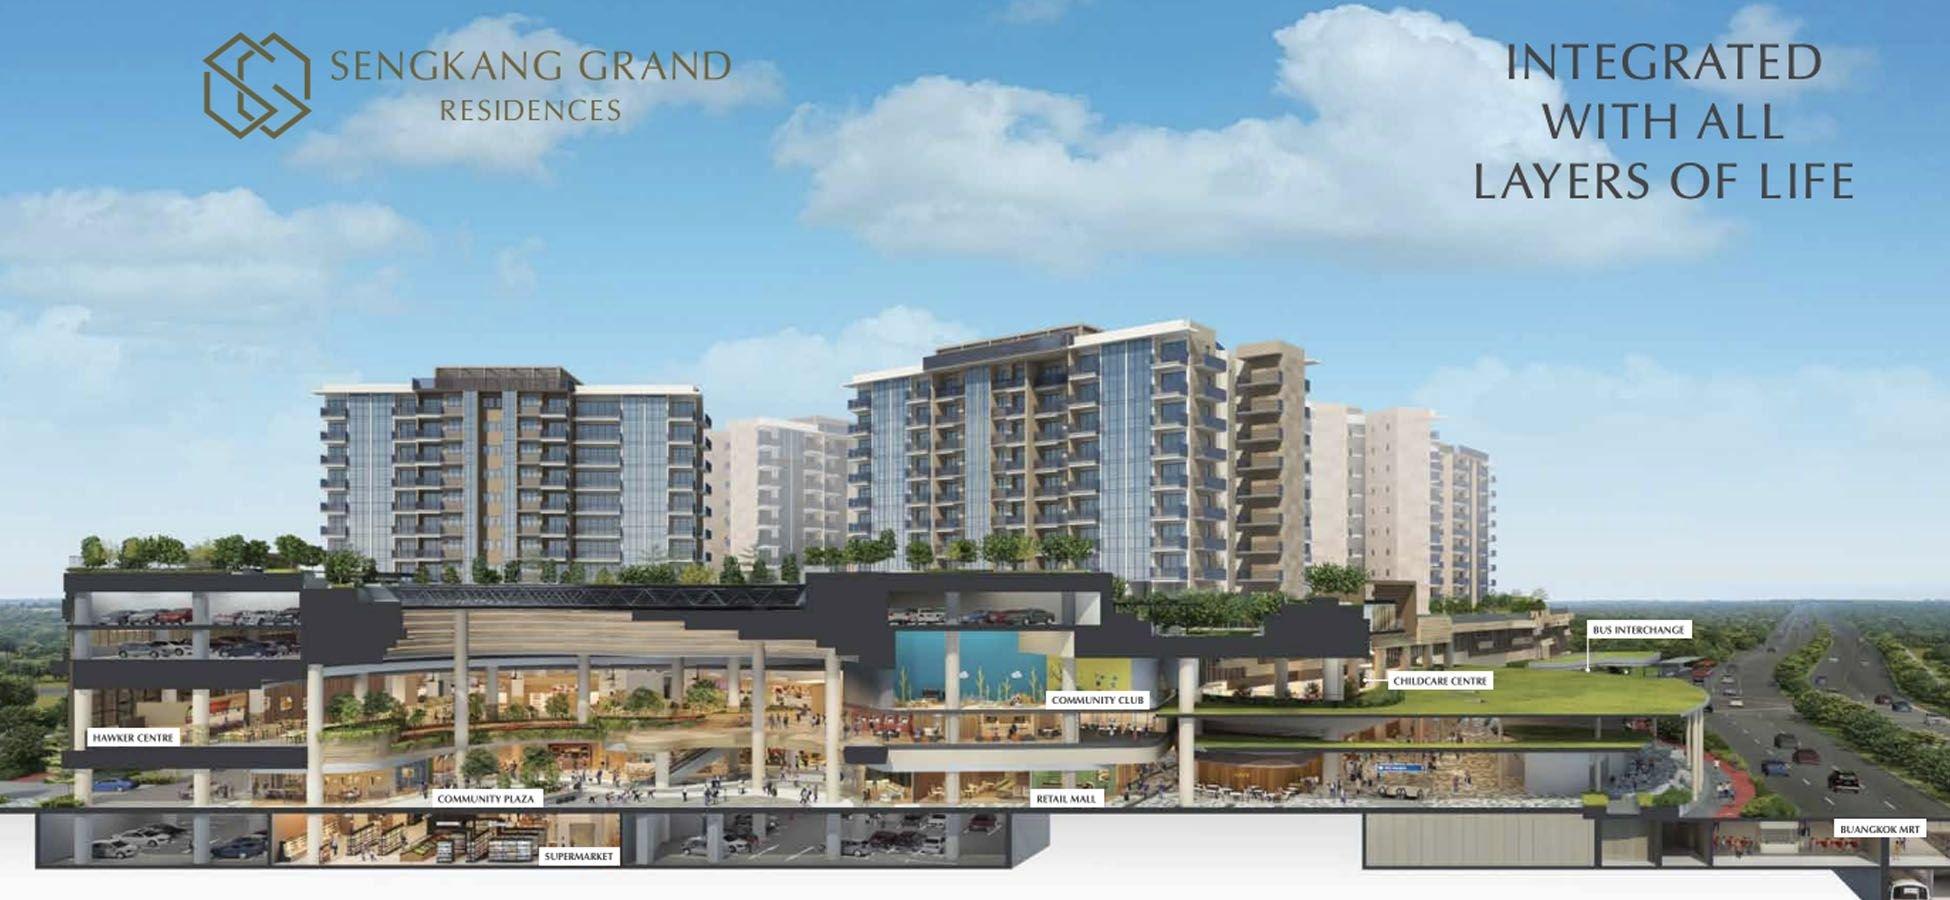 Sengkang Grand Residences<br>is a Mixed Development